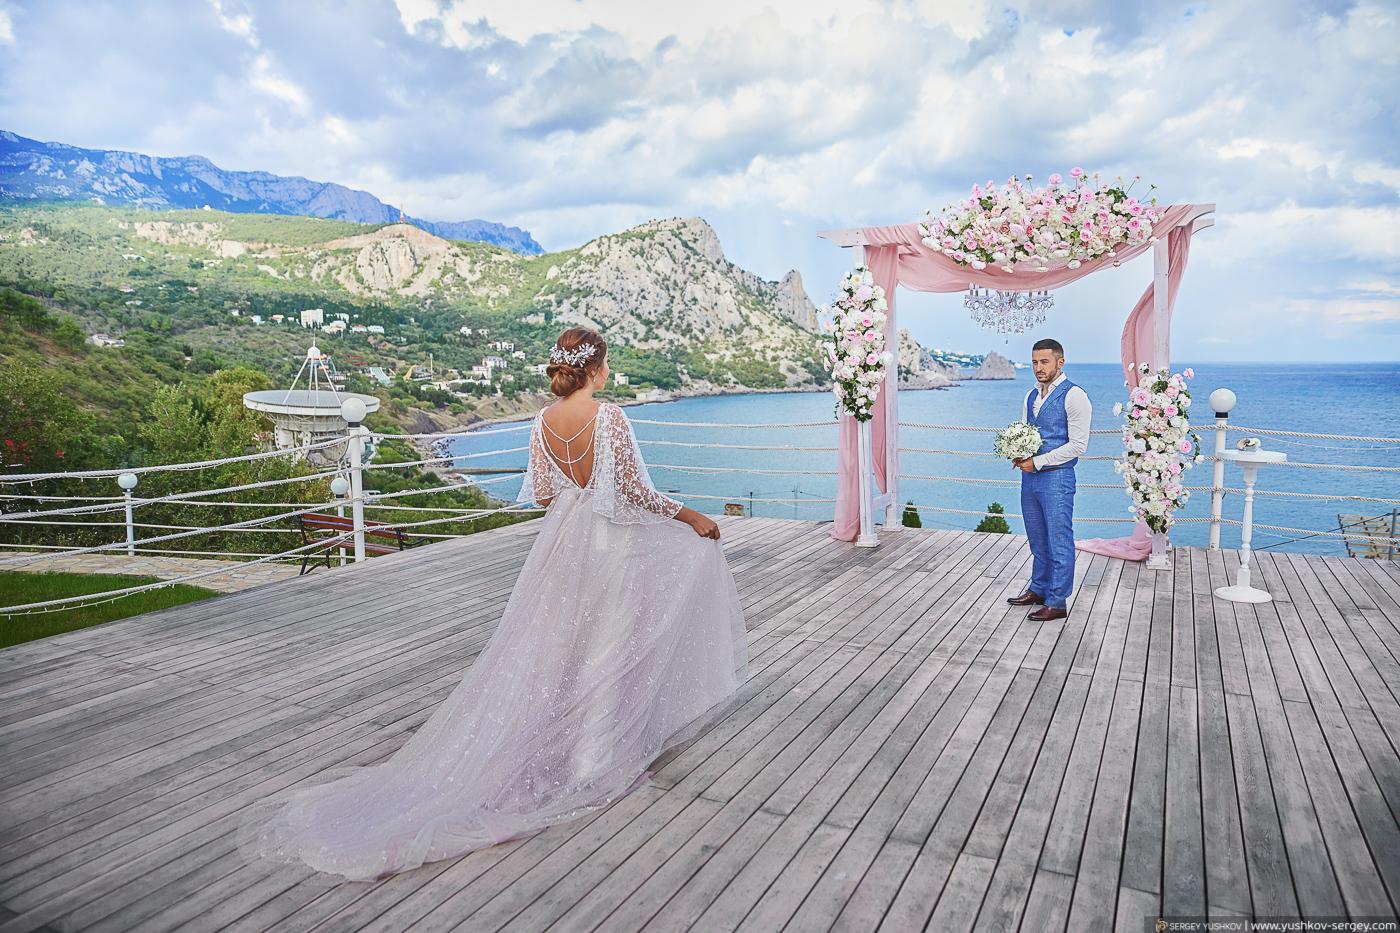 Свадьба для двоих. Выездная свадебная церемония с видом на море. Крым.